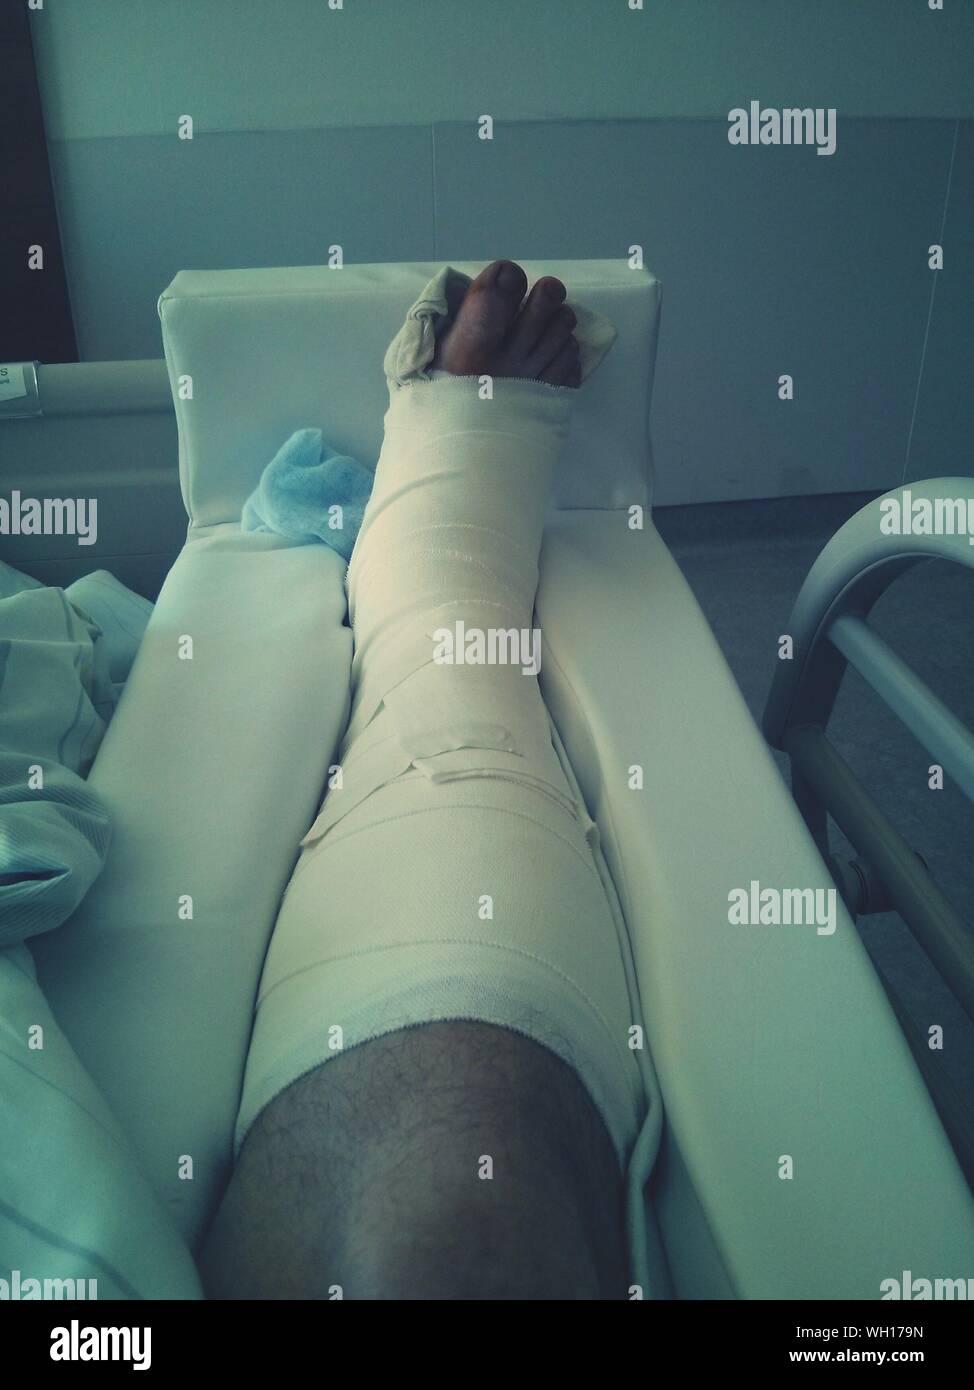 Beine gebrochen gips beide Beide Arme